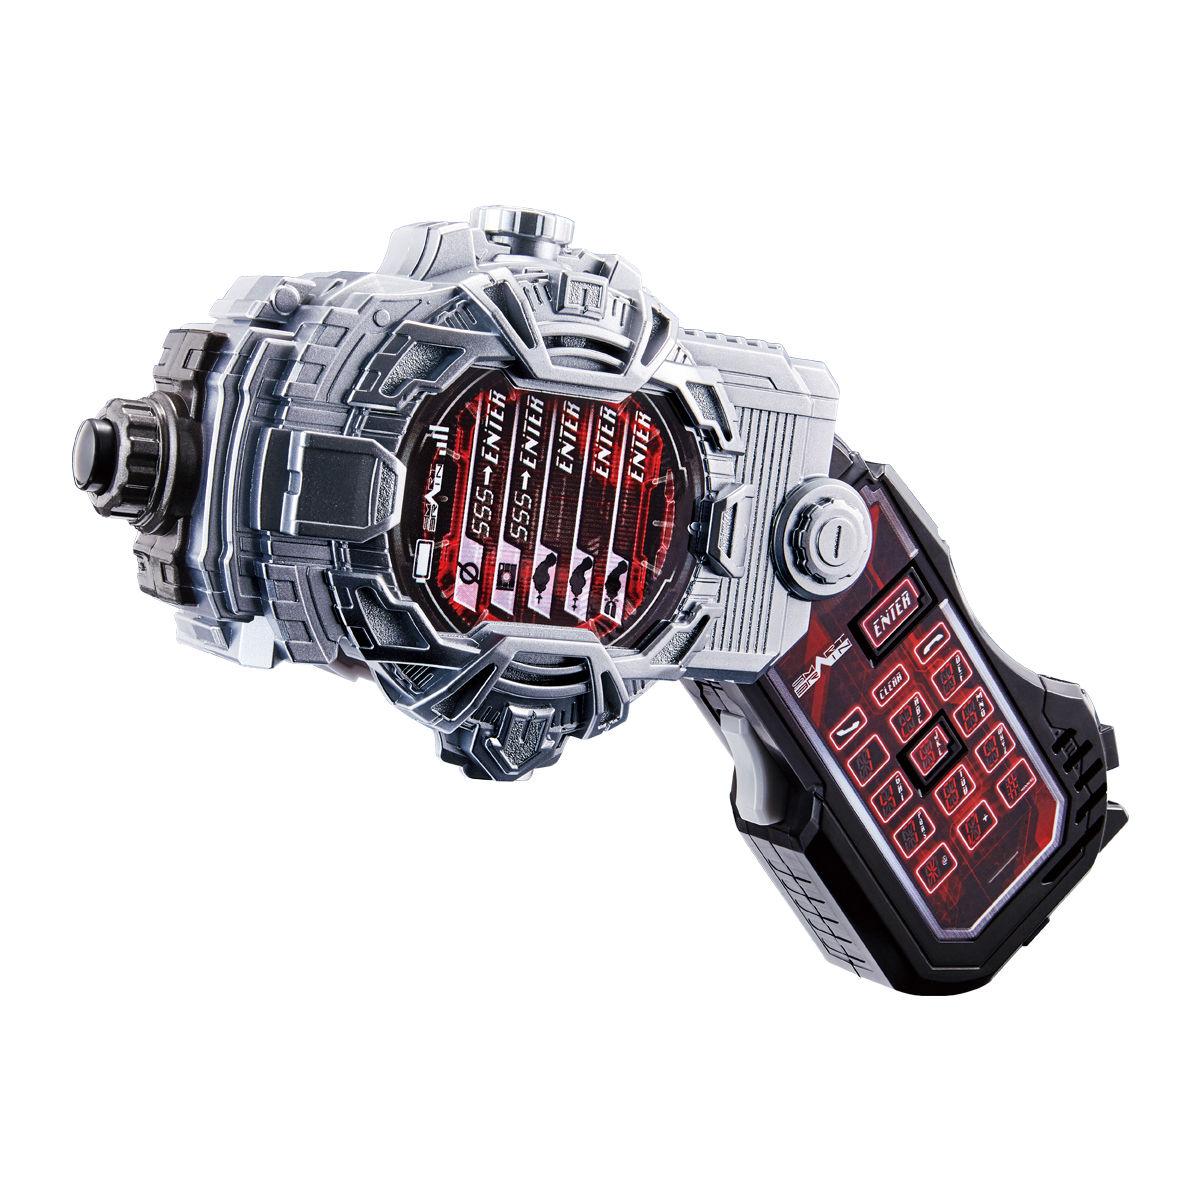 ライドガジェットシリーズ『DXファイズフォンX(テン)』仮面ライダージオウ  変身なりきり-001